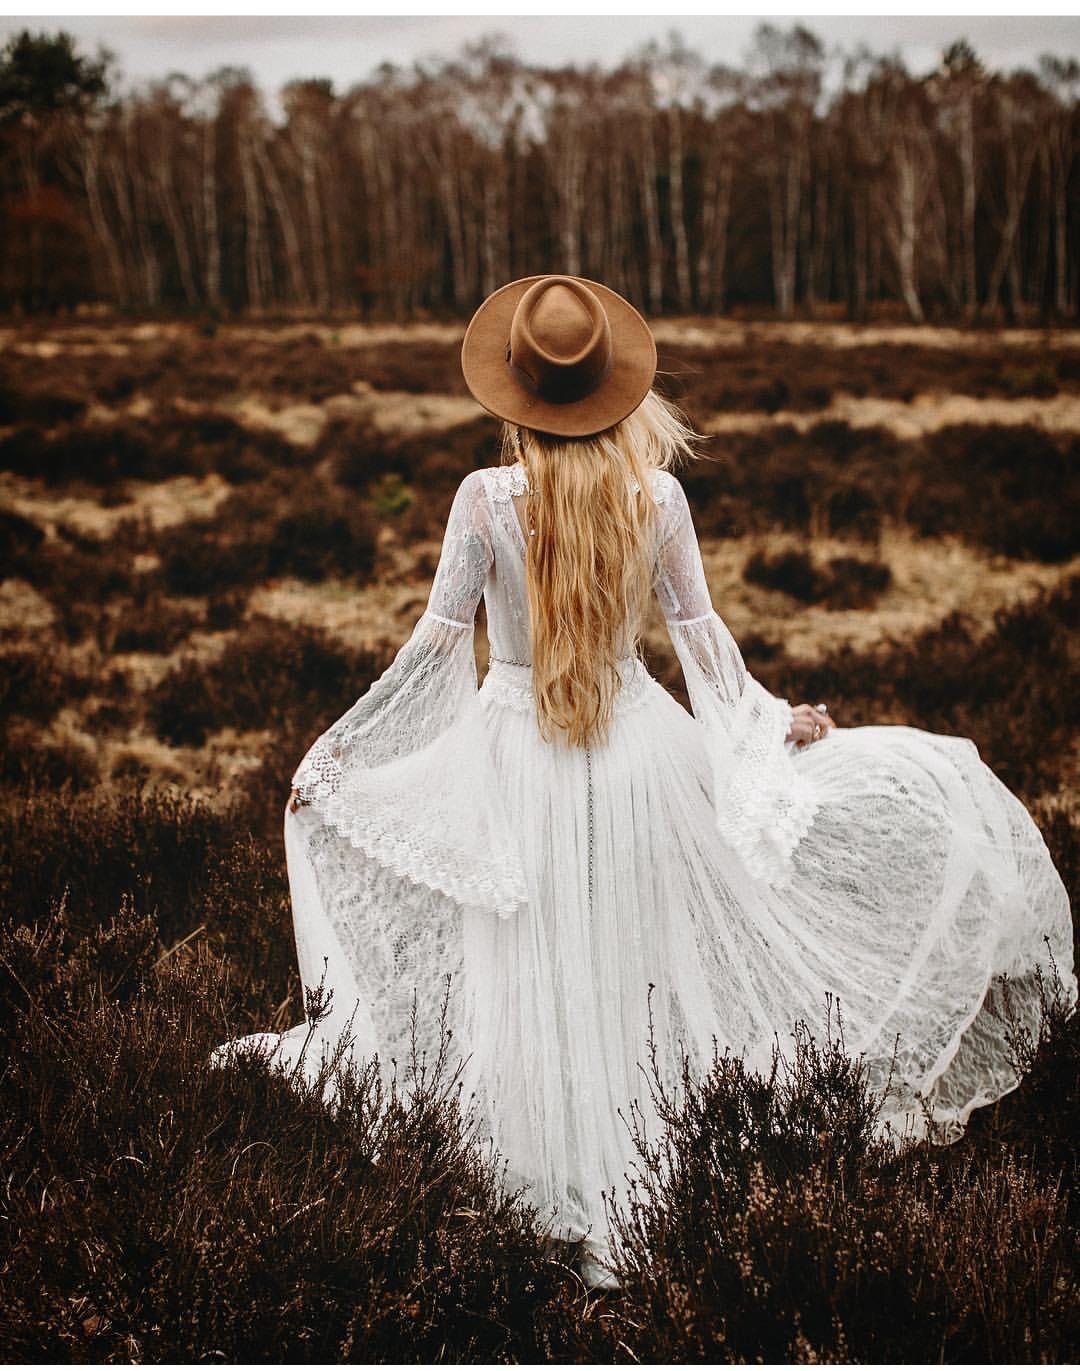 👰Anjel v bielych šatách 👼 - Obrázok č. 26